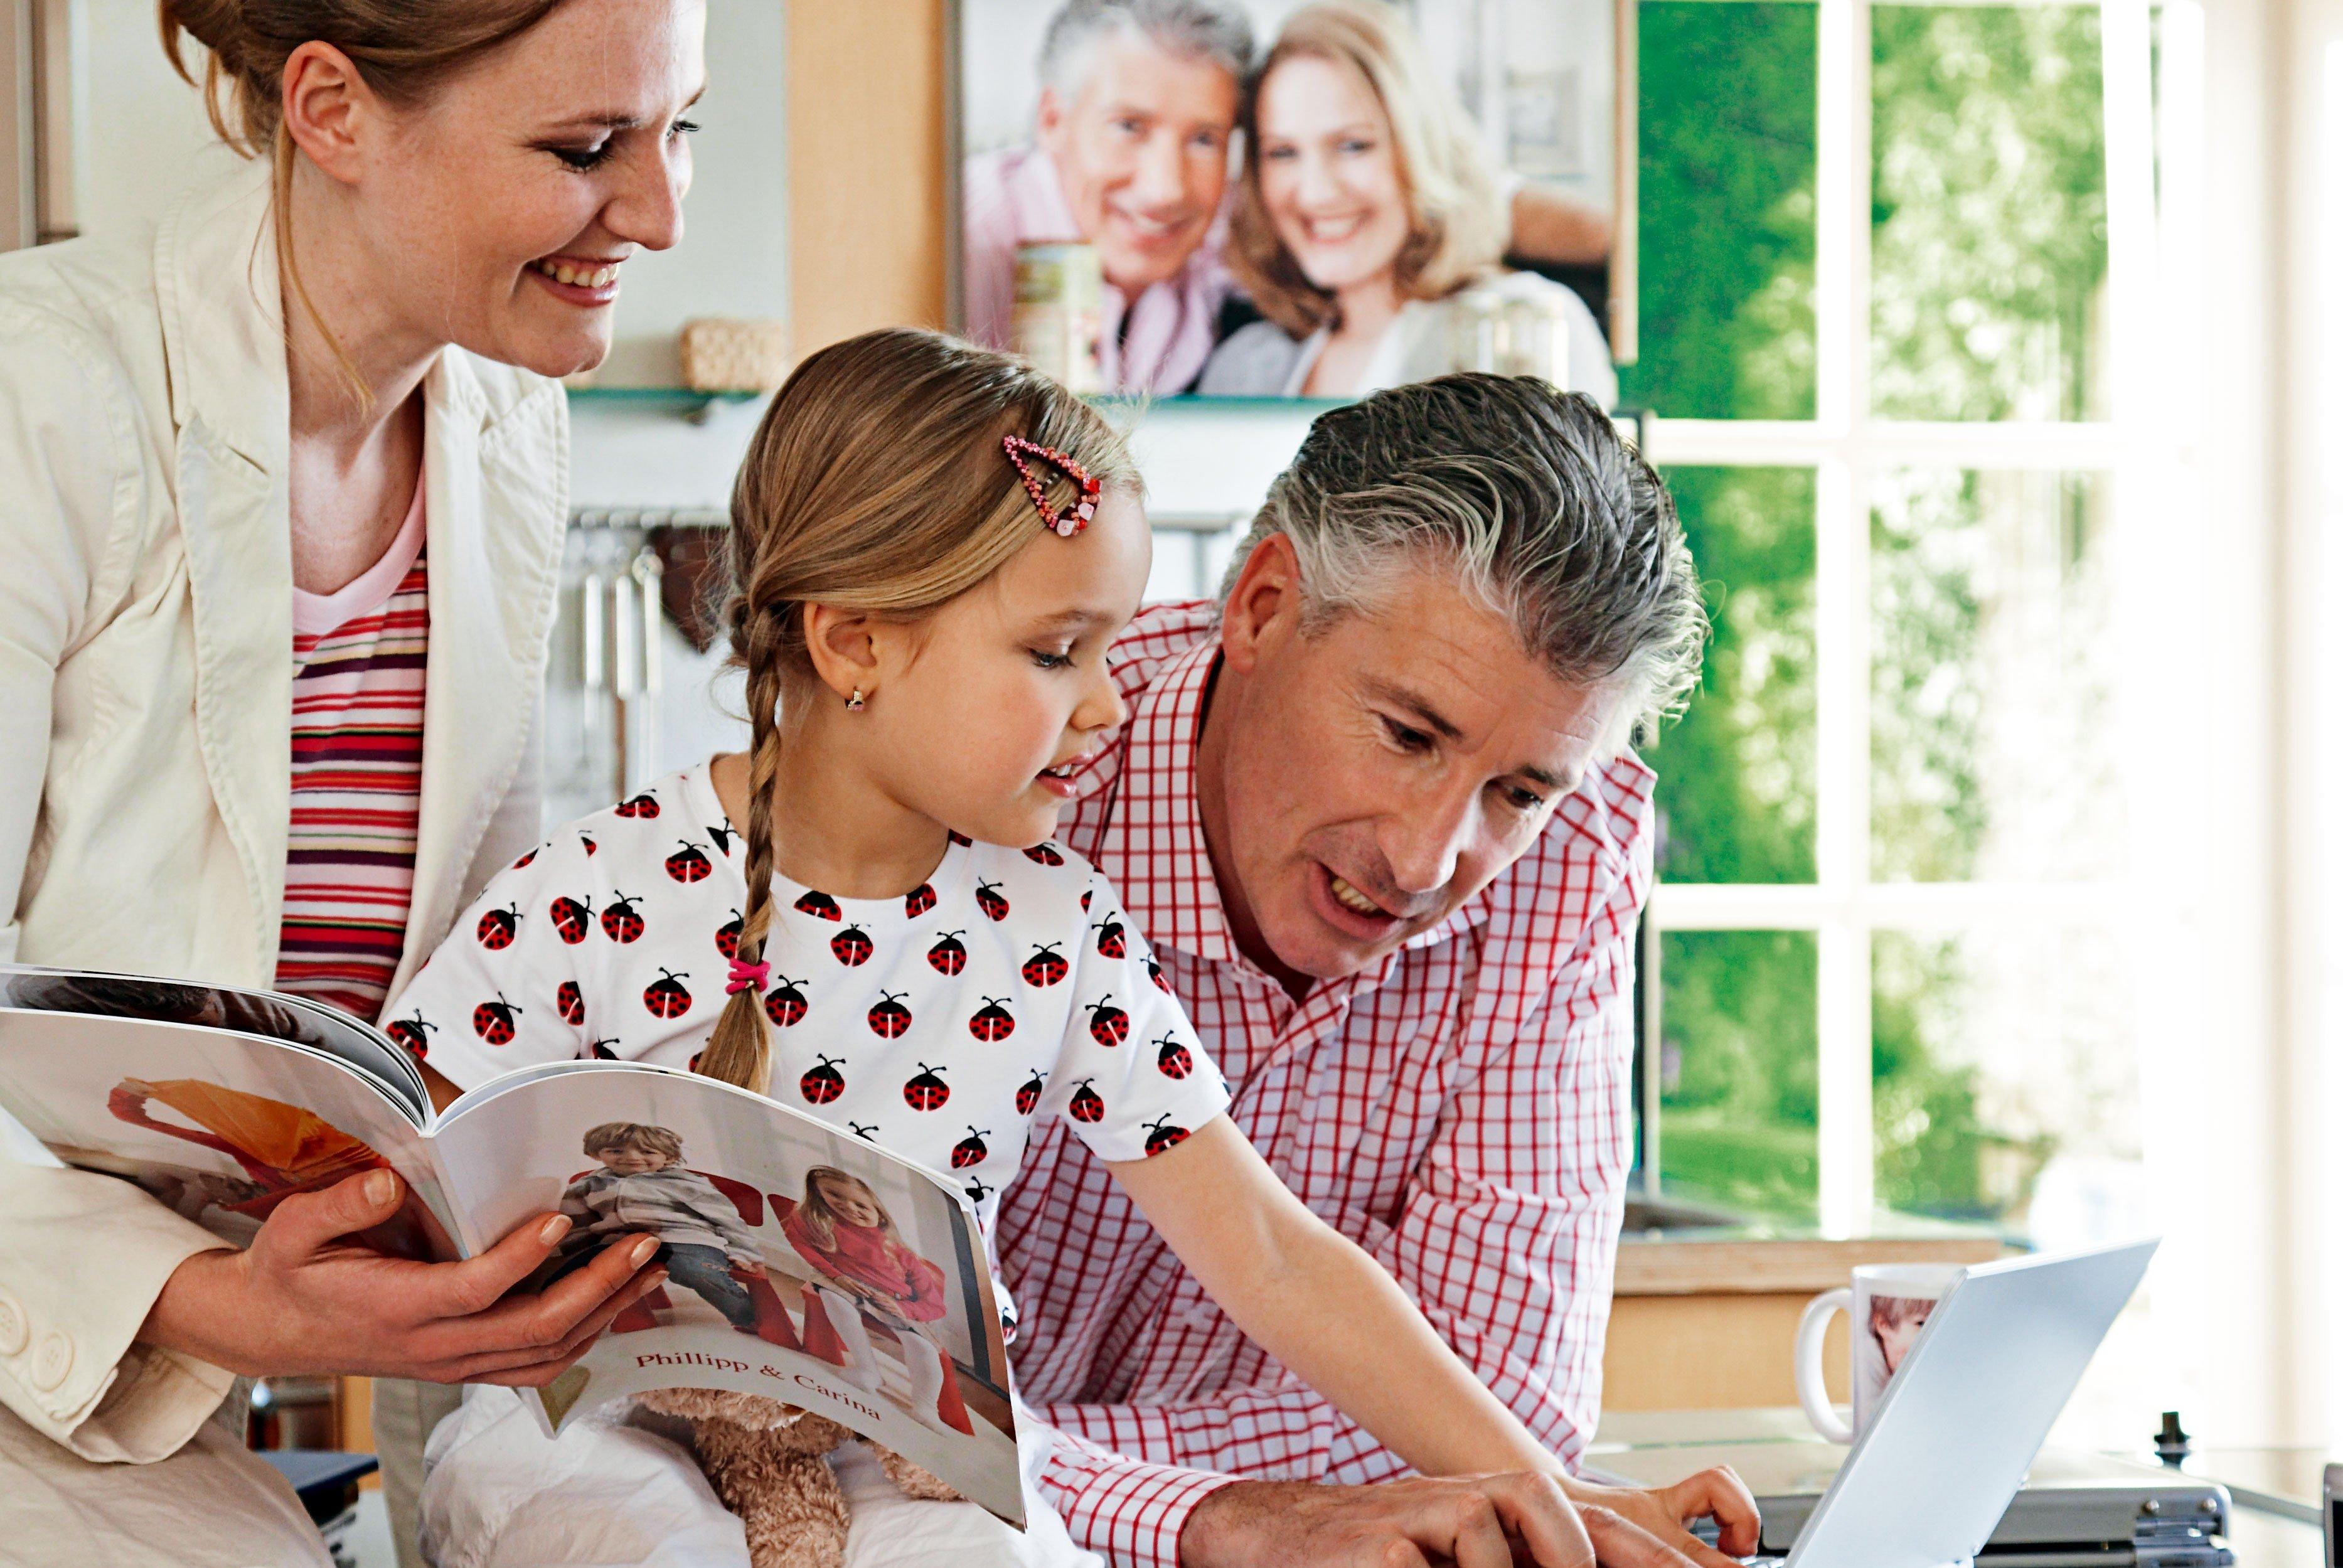 Urlaubserinnerungen konservieren - das geht am besten mit einem Fotobuch. © CEWE Fotobuch